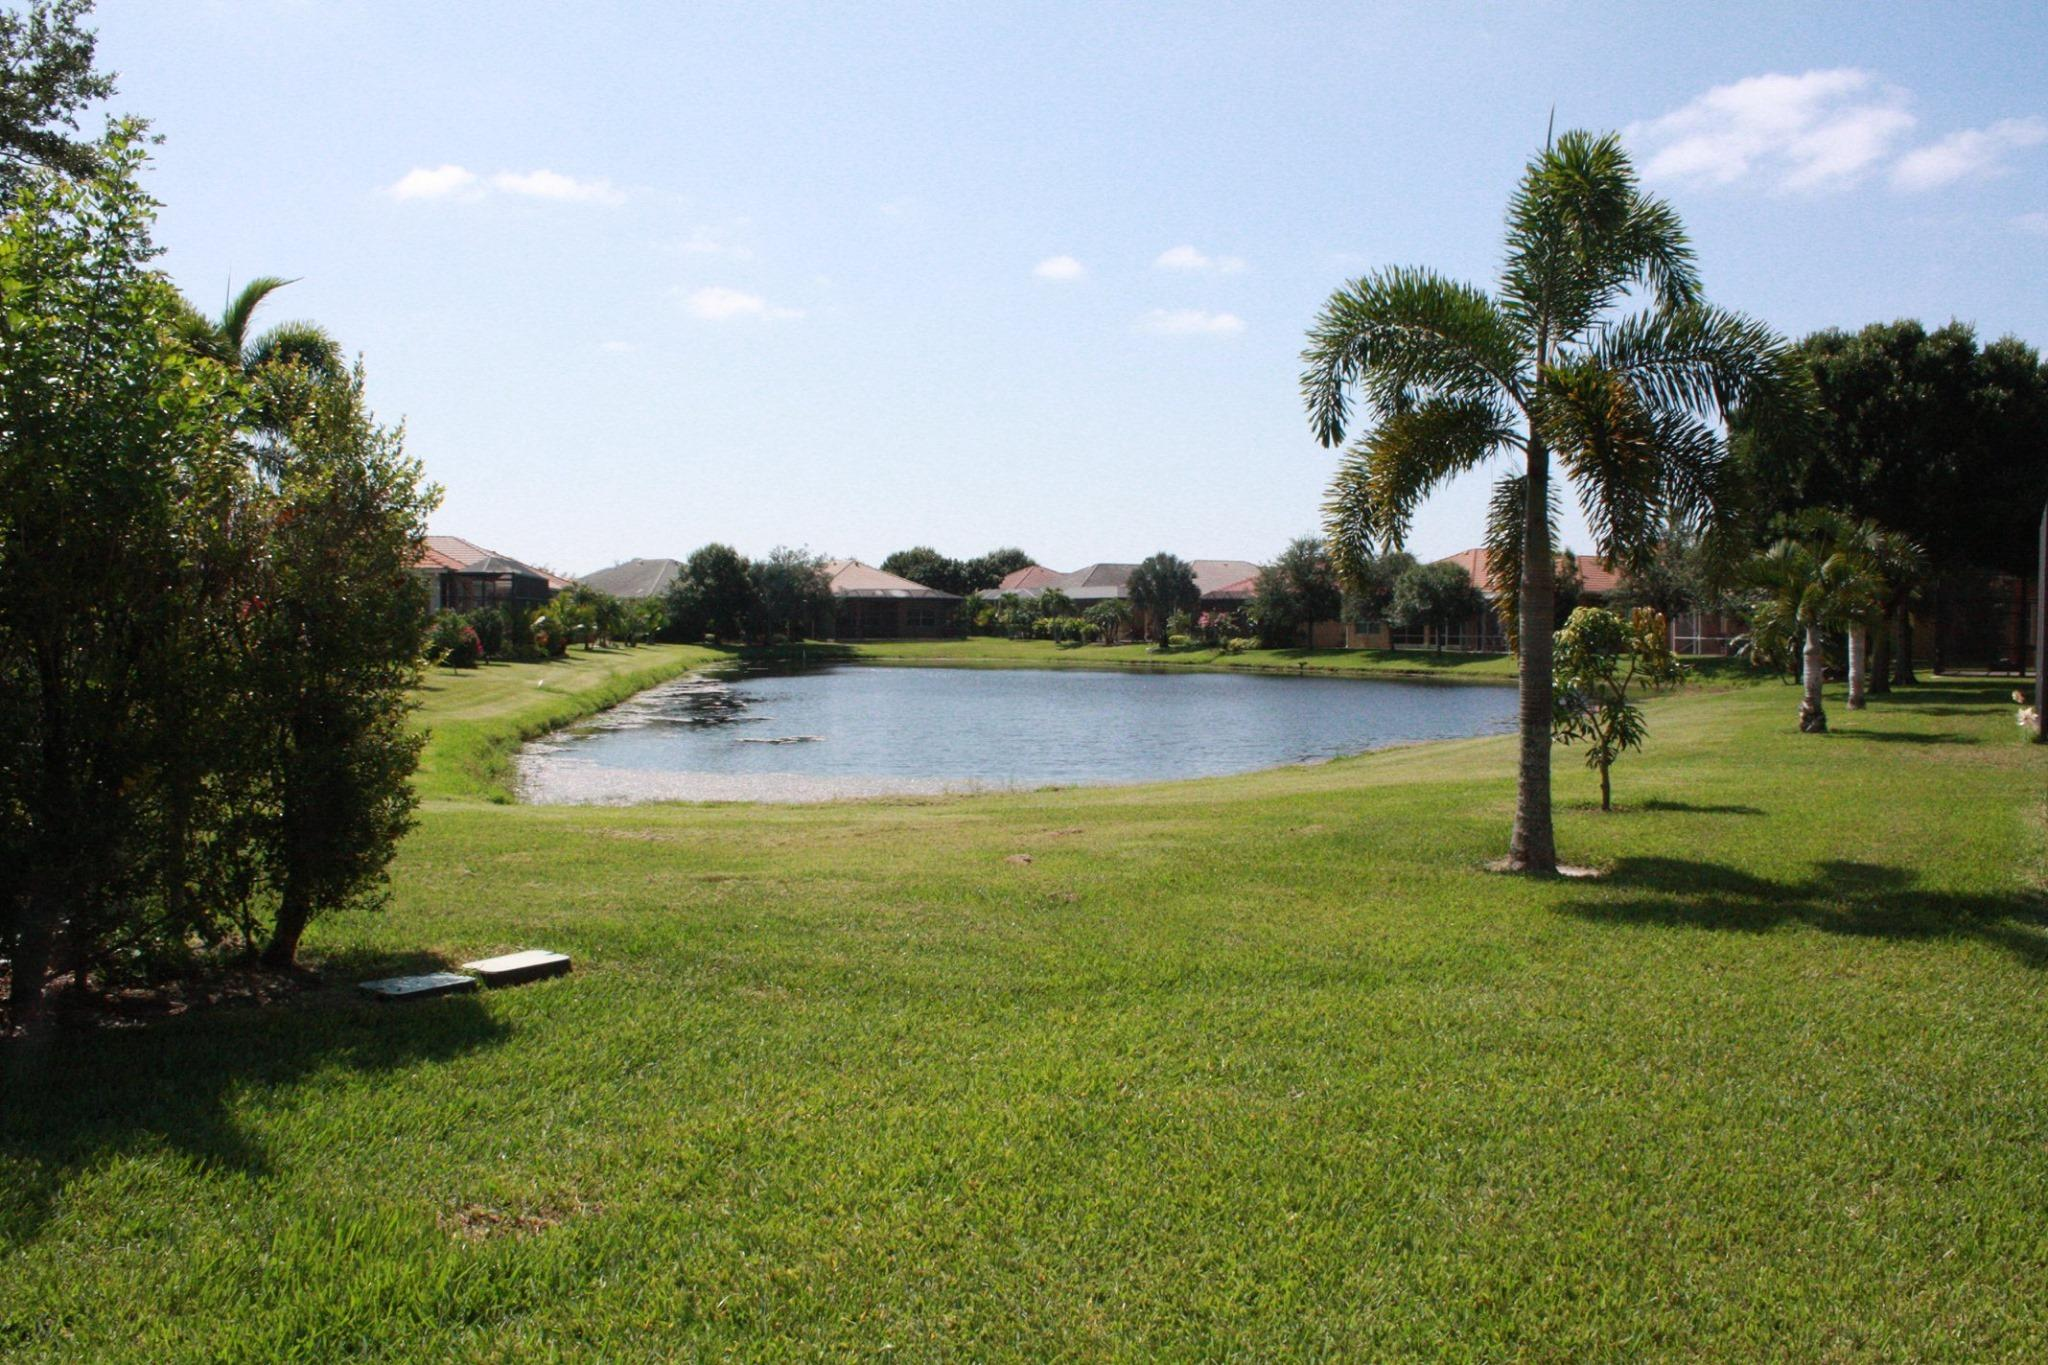 373 Nw Stratford Lane, Saint Lucie West, FL 34983